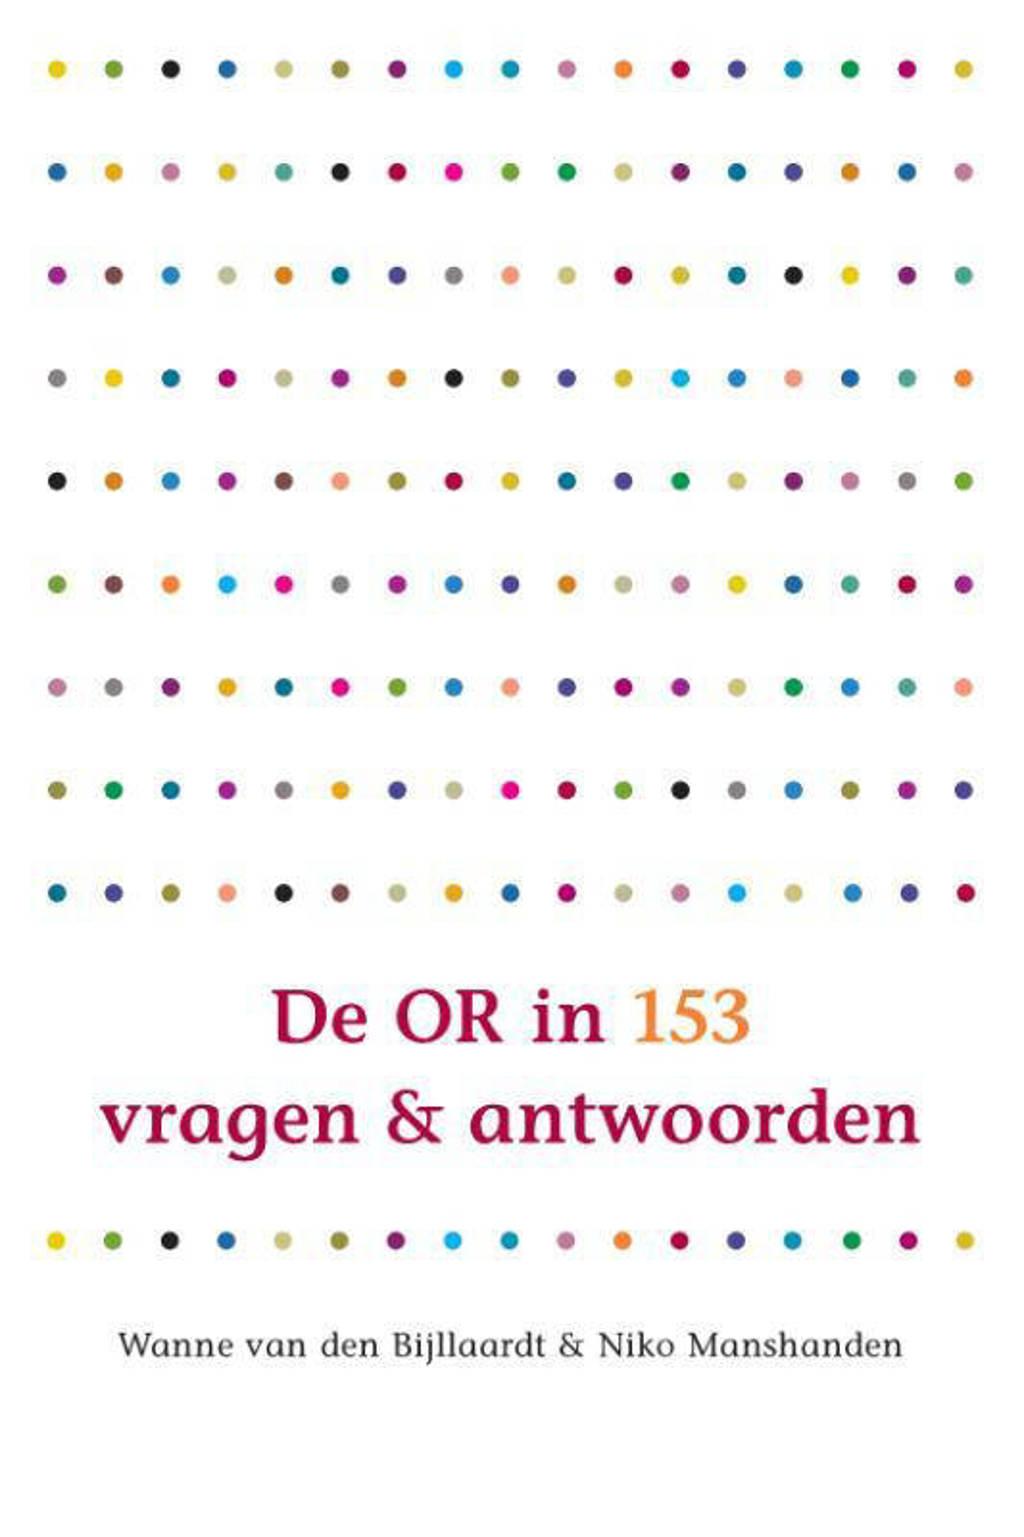 De OR in 153 vragen en antwoorden - Wanne van den Bijllaardt en Niko Manshanden